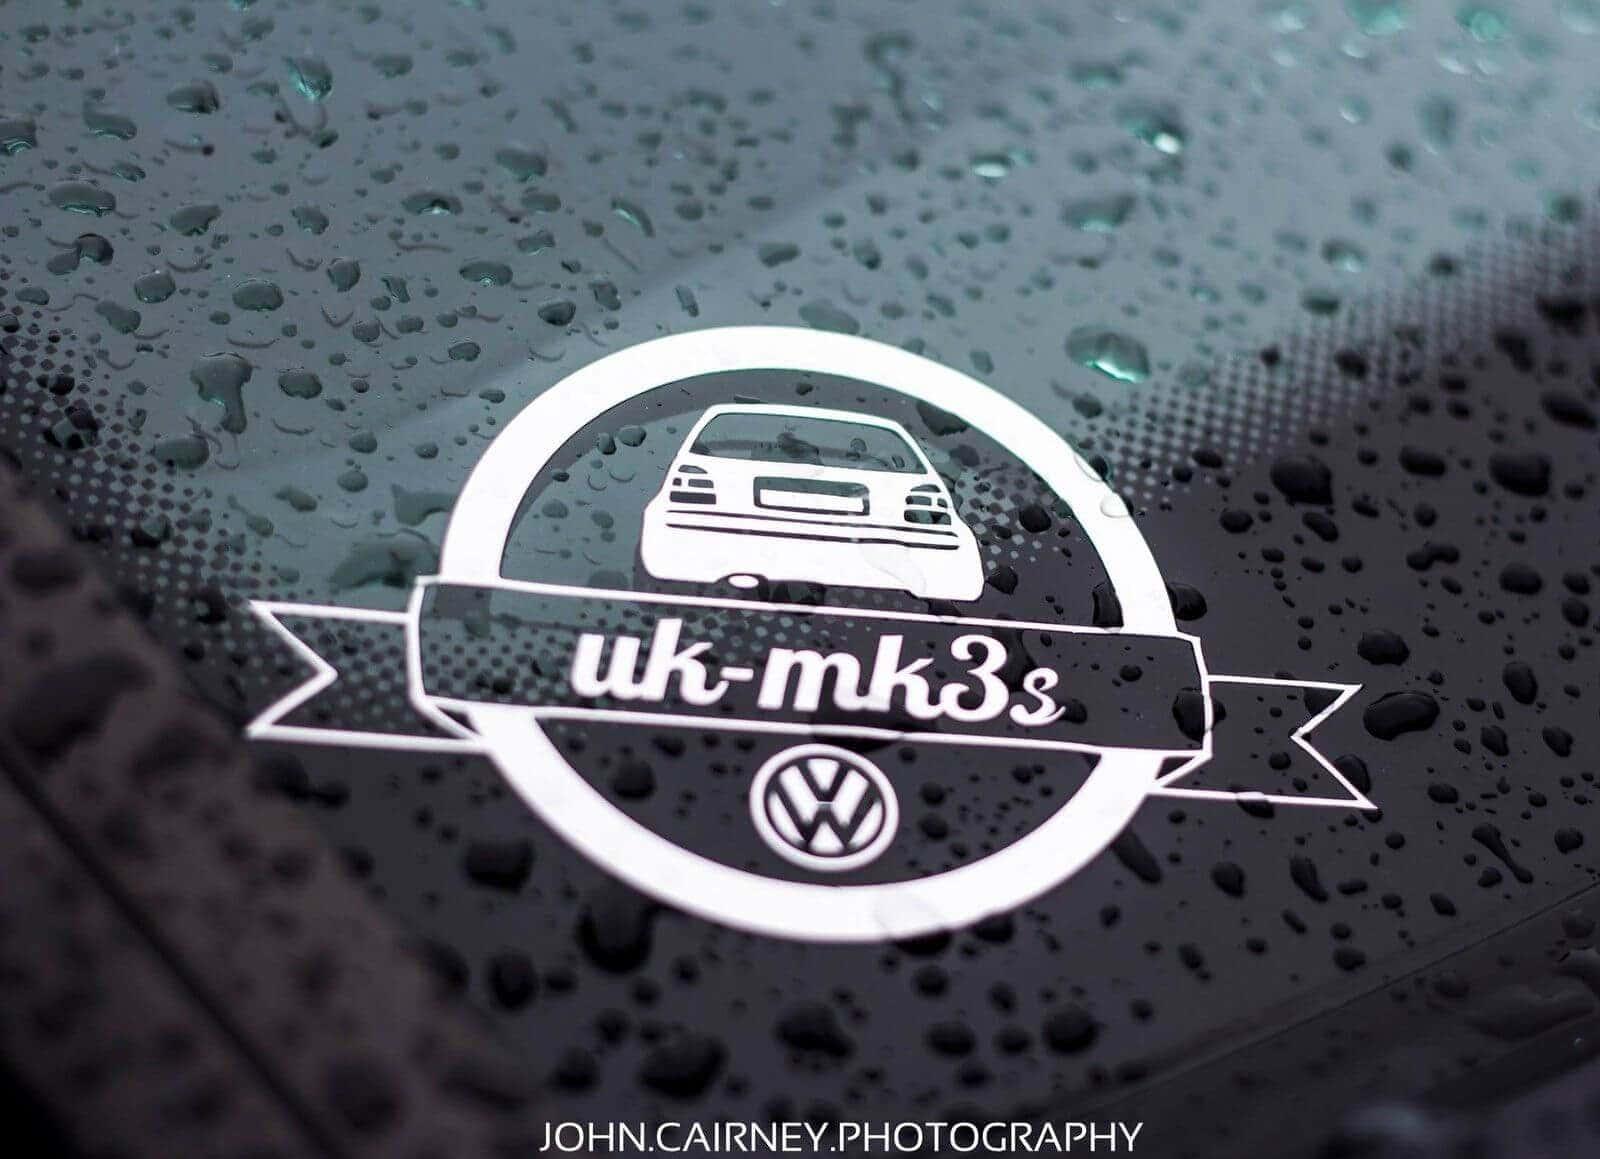 UKMK3s